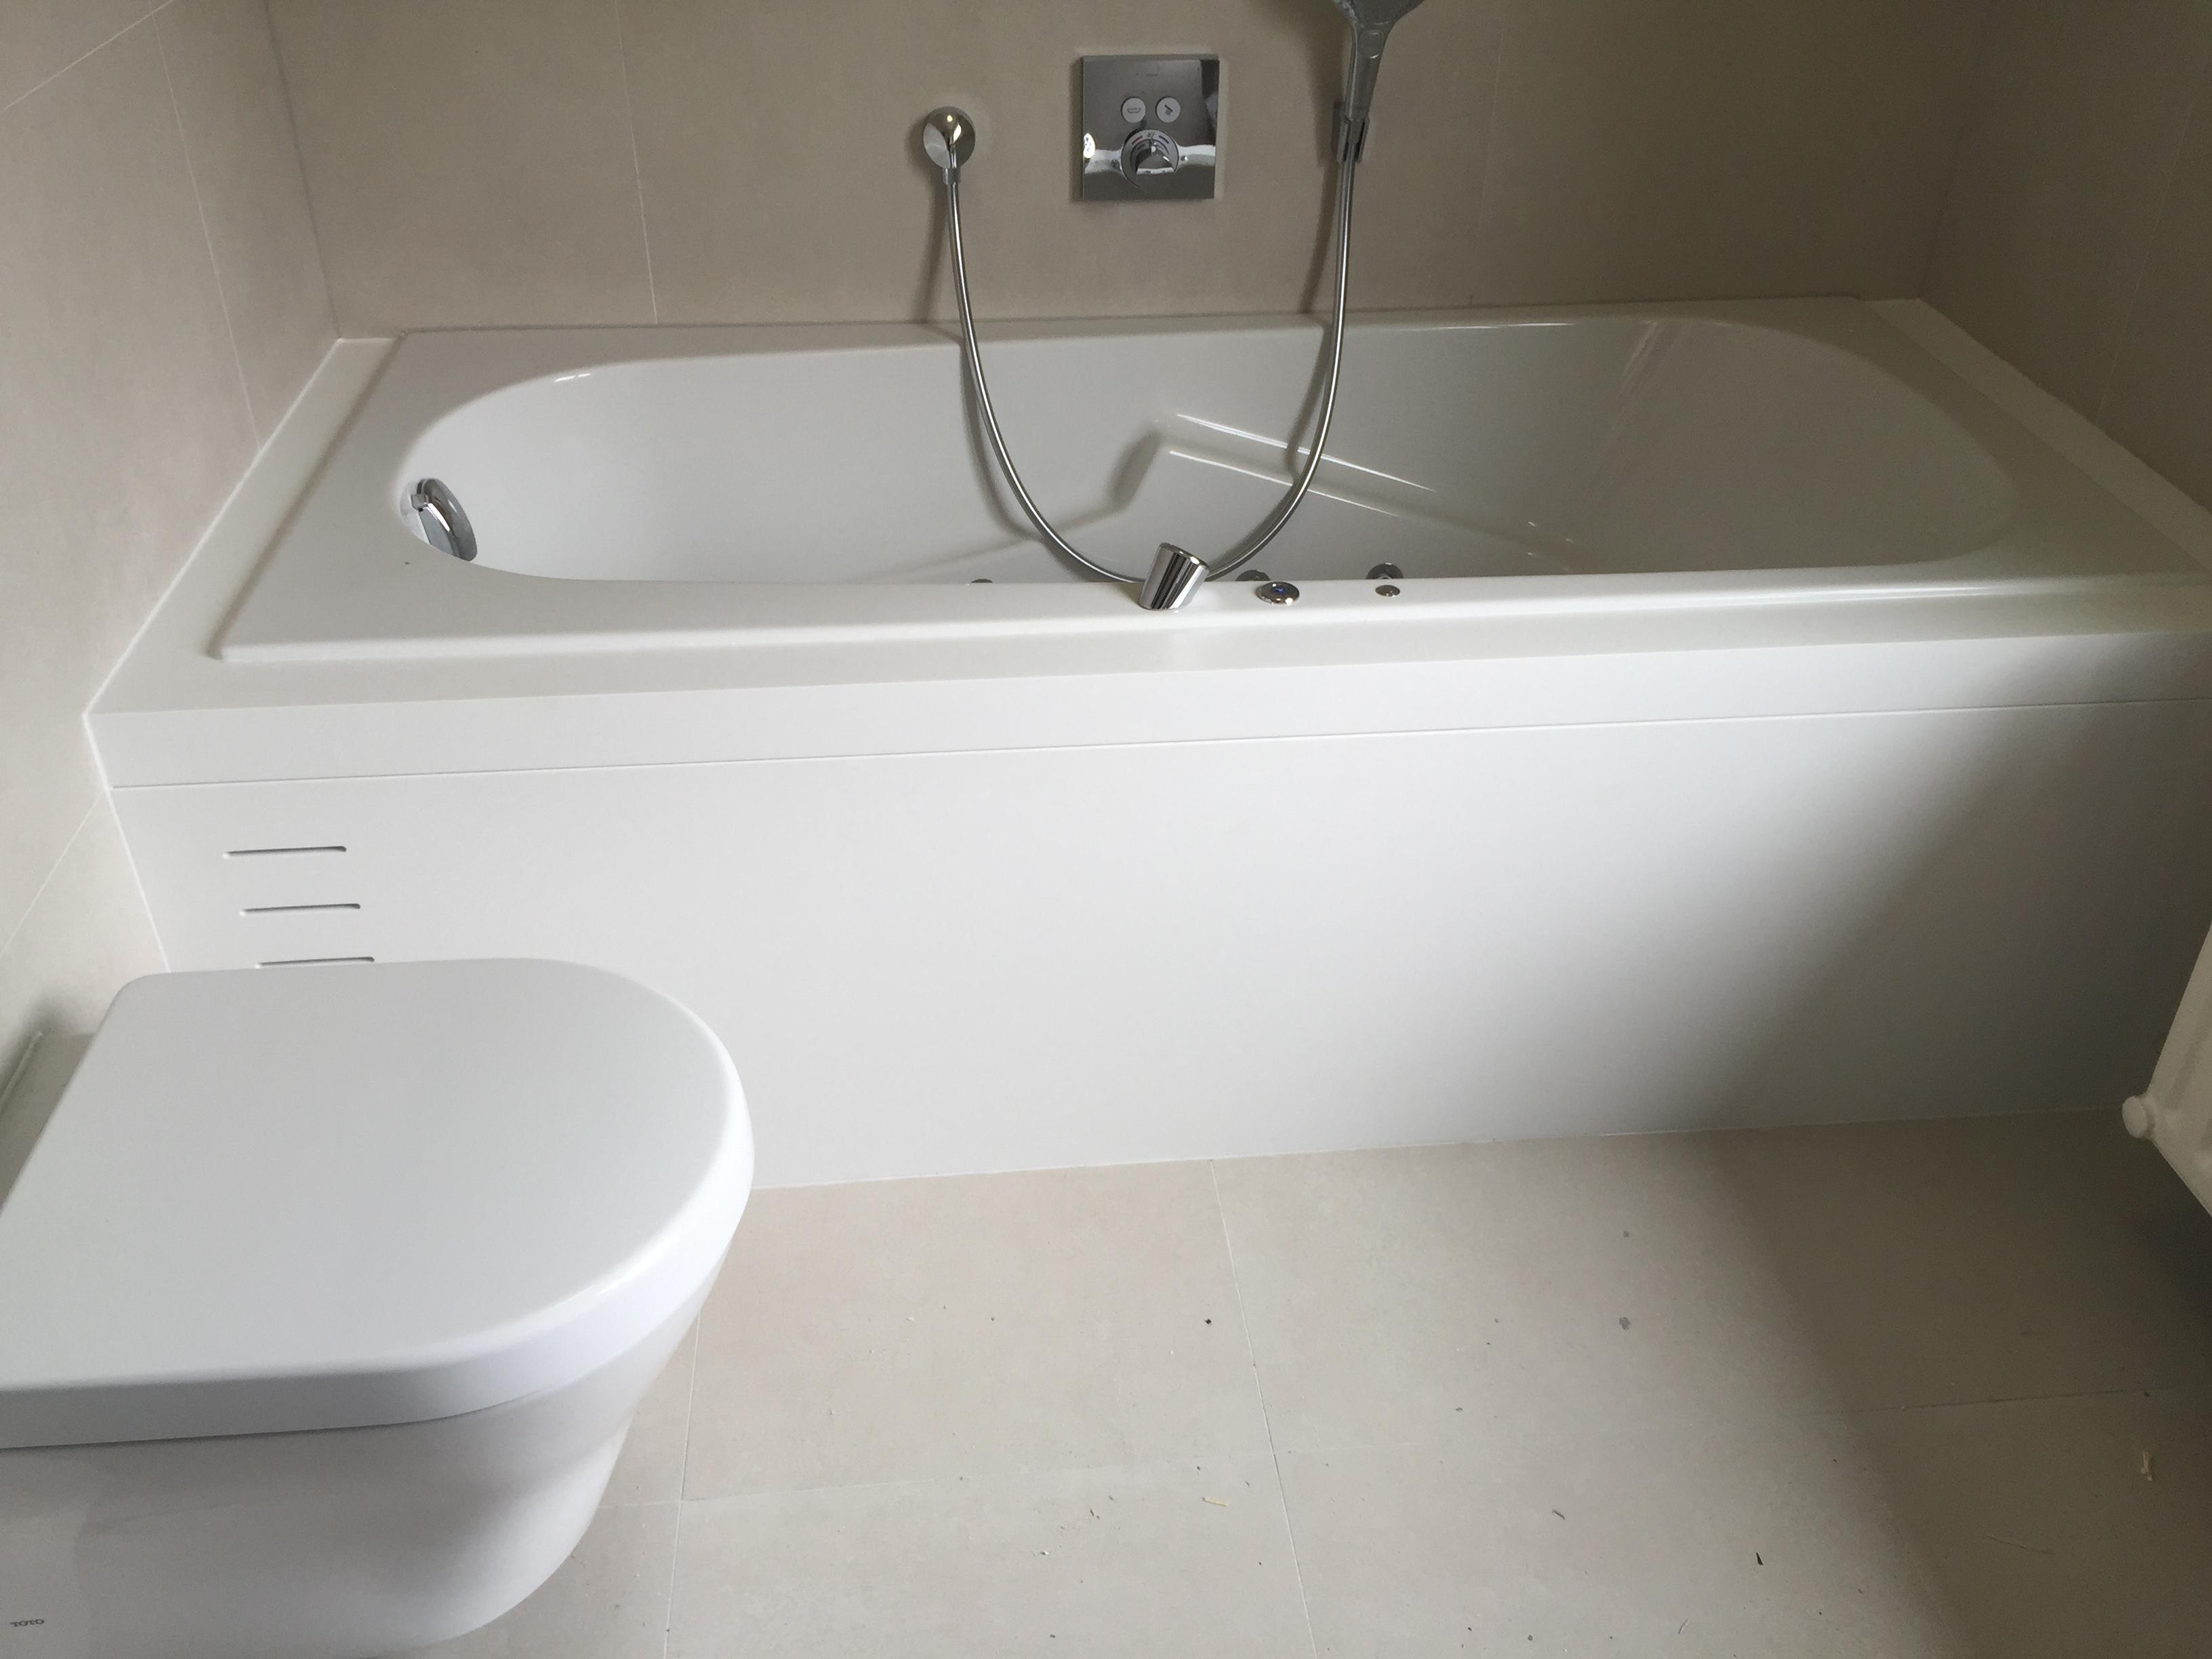 nieuwe badkamer of renovatie sd schrijnwerkerij